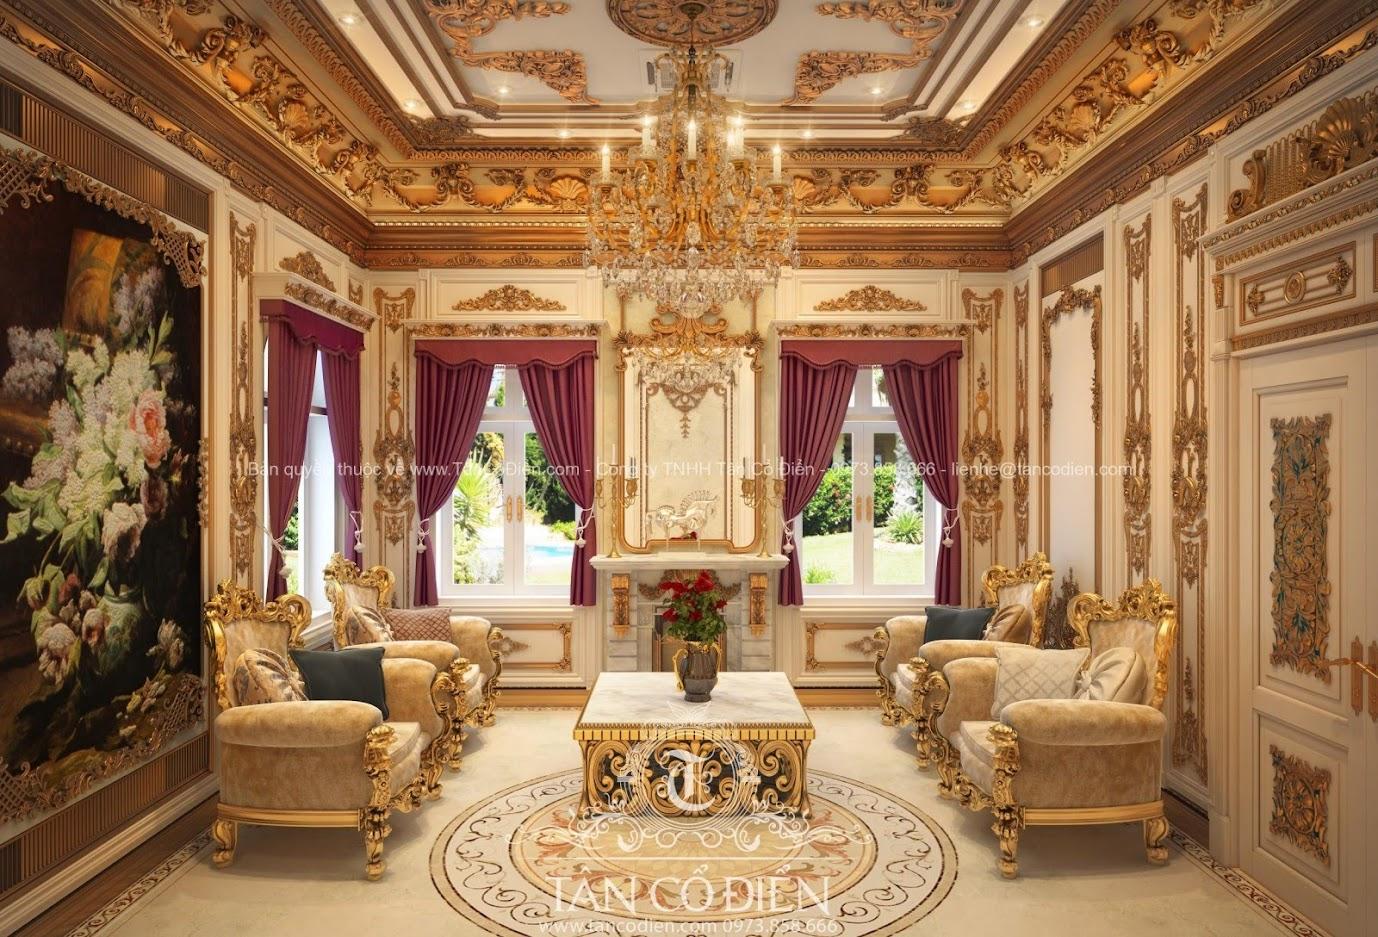 Nội thất phòng khách cổ điển phong cách sang trọng